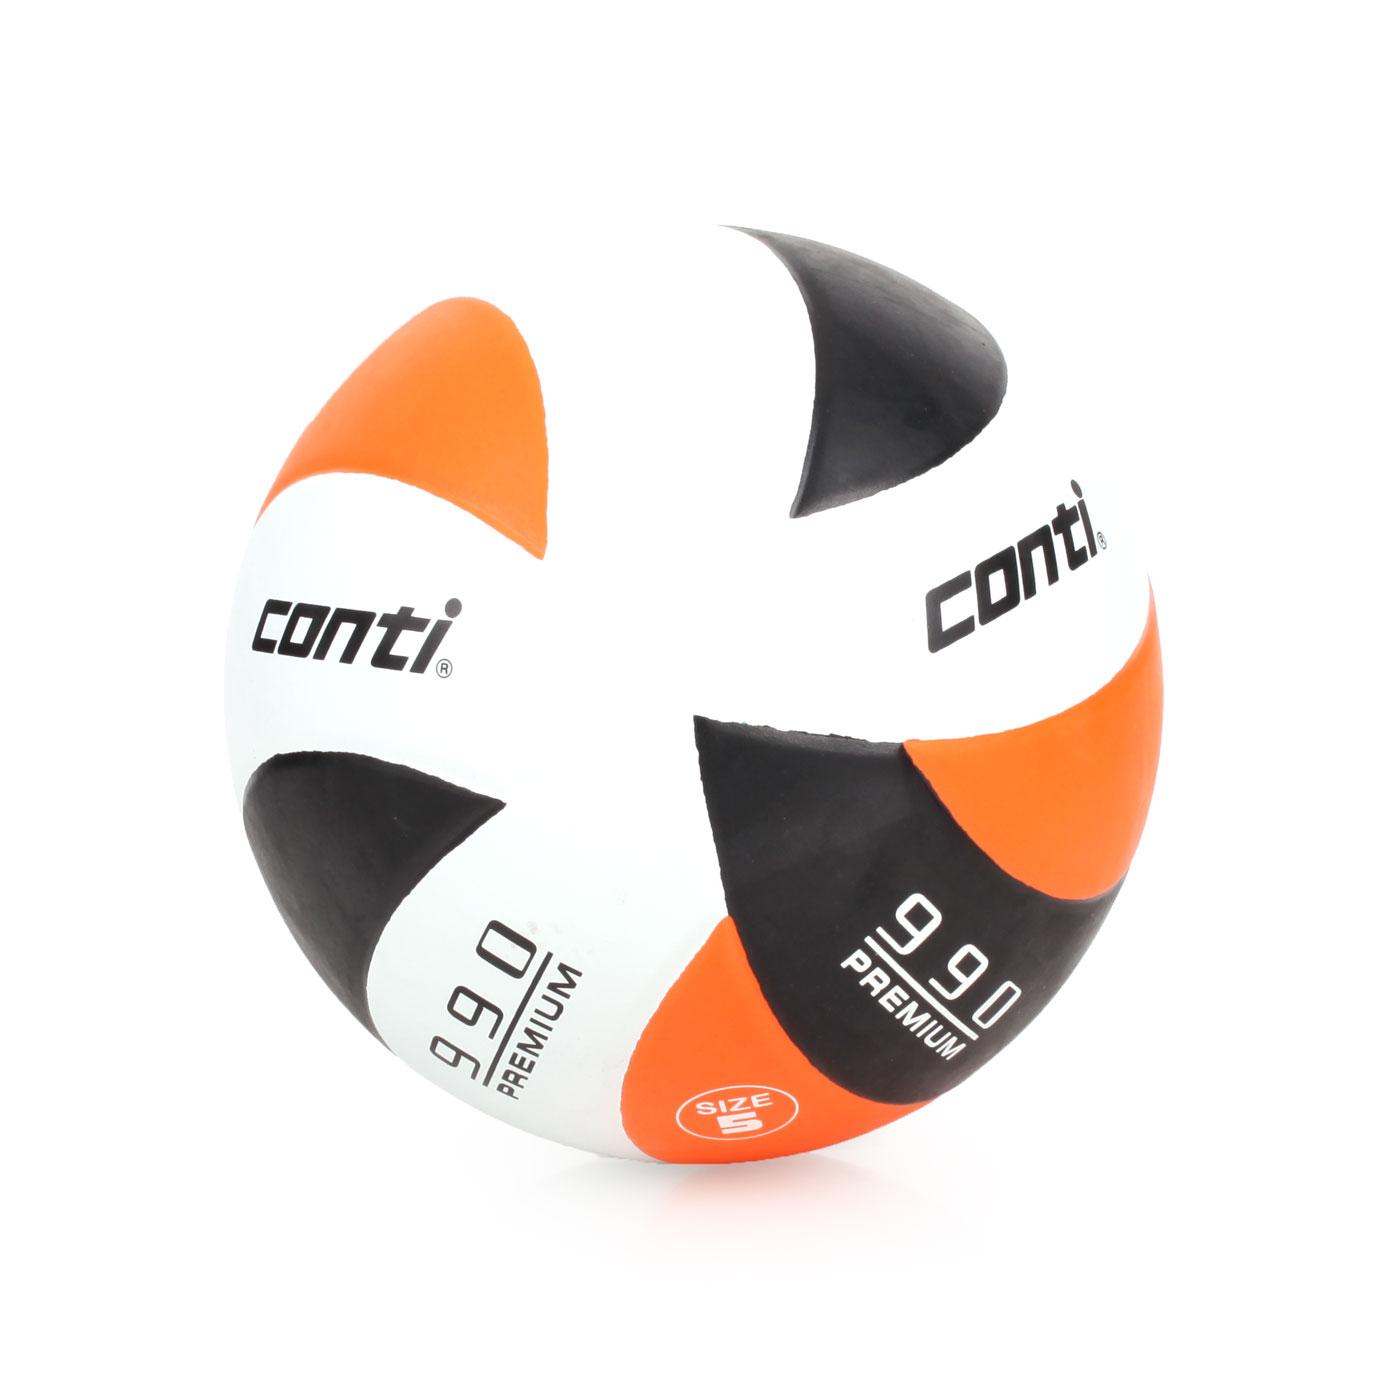 詠冠conti 5號頂級超世代橡膠排球 CONTIV990-5-WBKO - 橘黑白